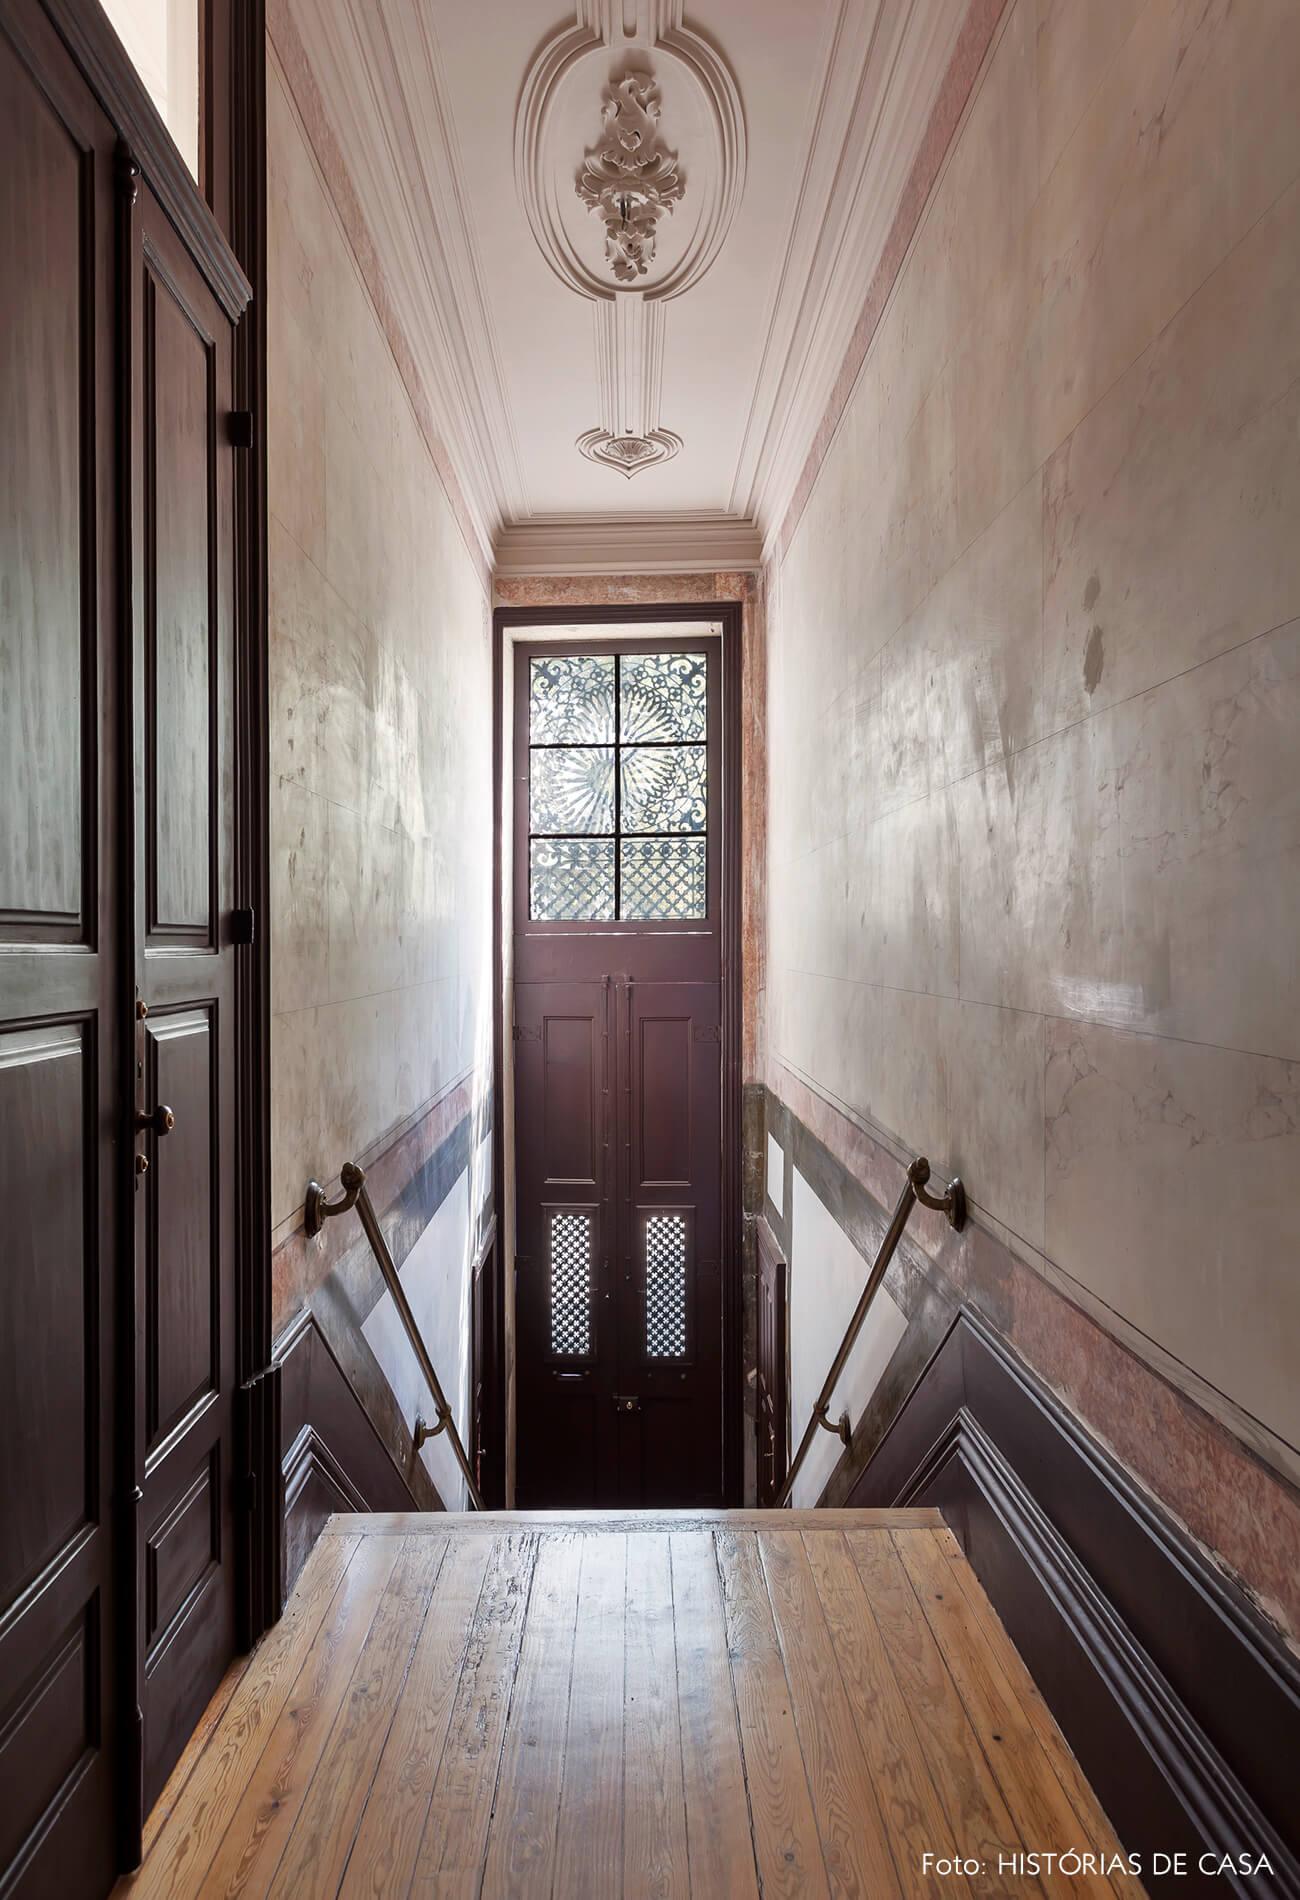 Corredor de casa antiga com piso de madeira